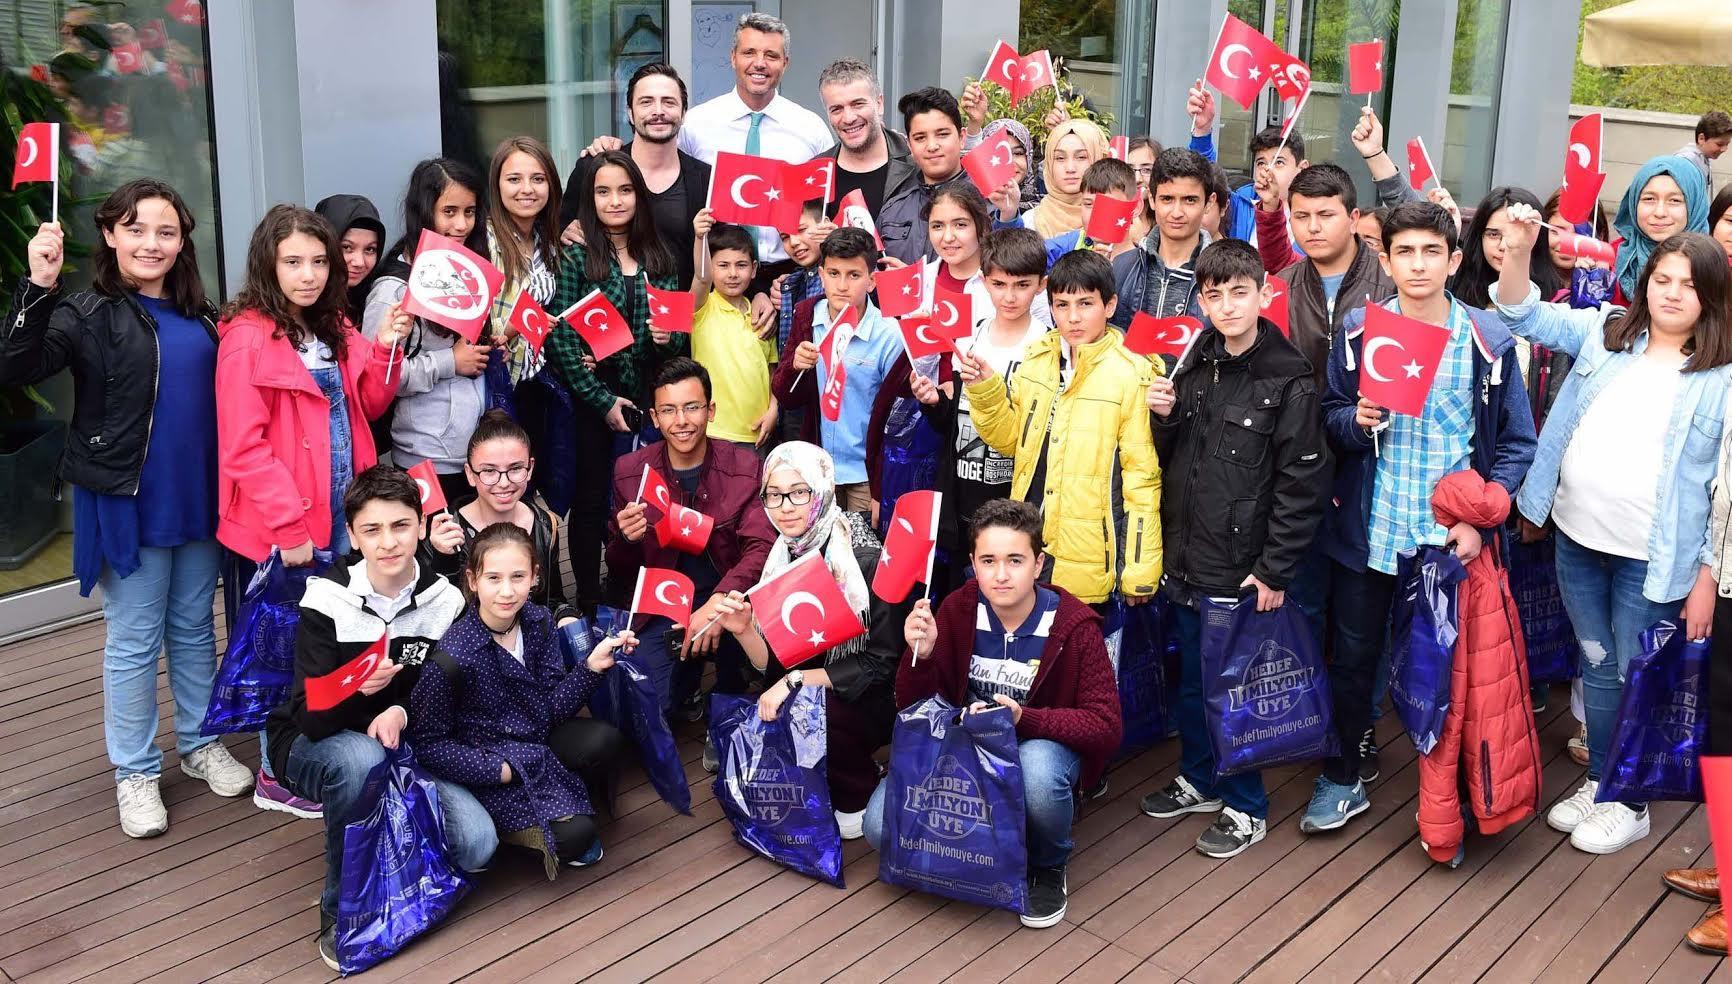 Saran Group'tan örnek 23 Nisan kutlaması